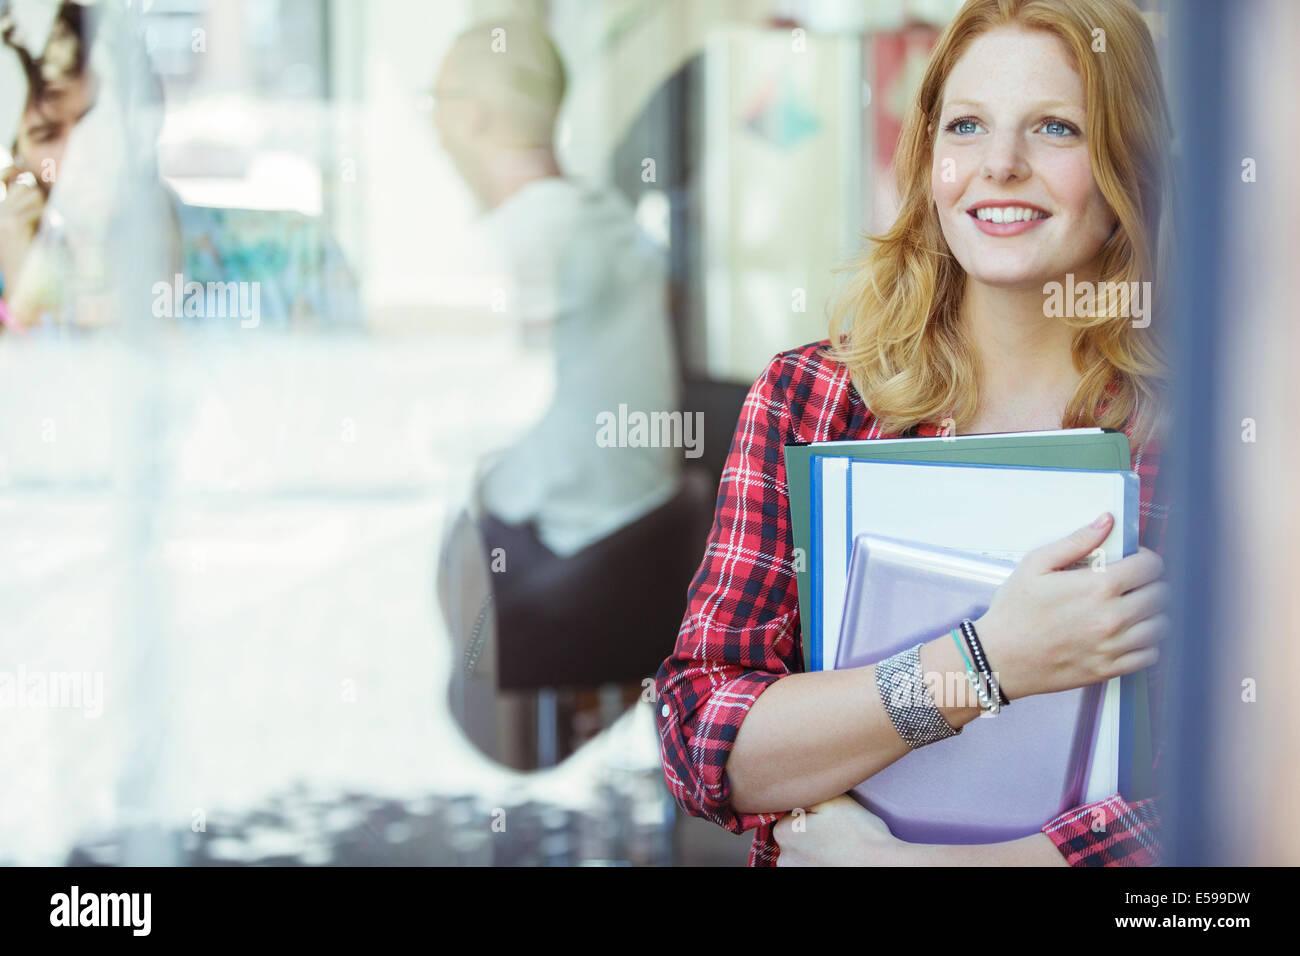 Mujer que llevaba aglutinantes afuera Imagen De Stock